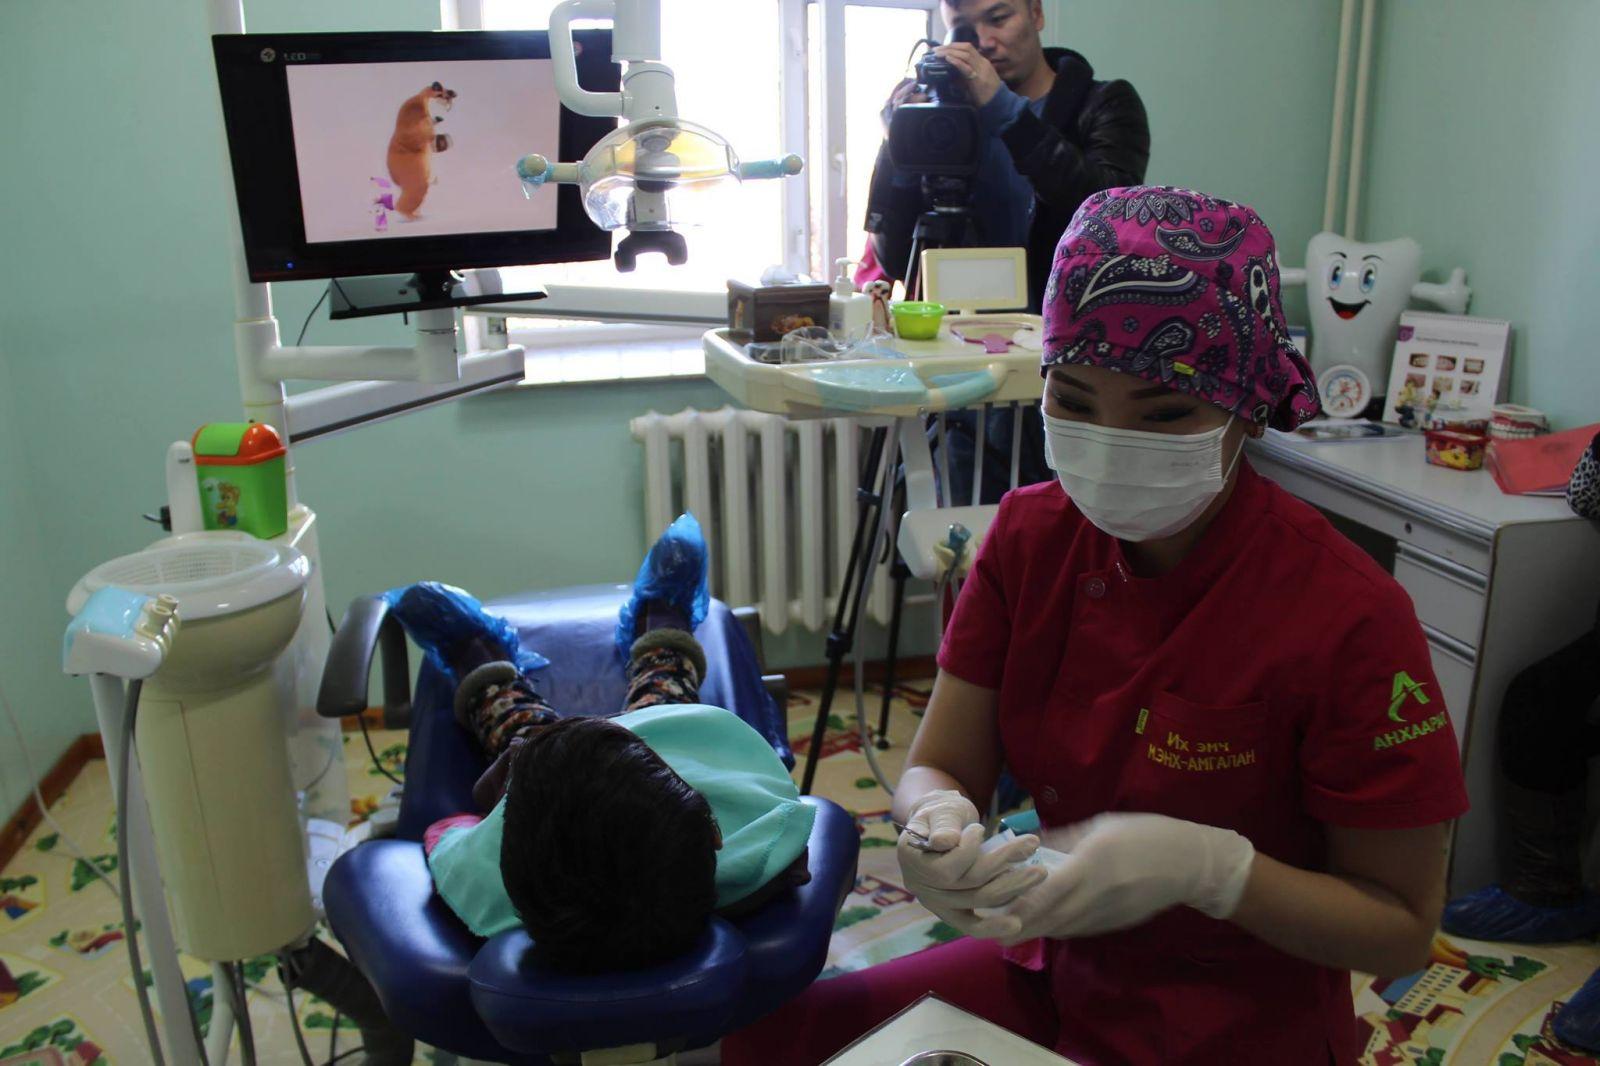 Хүүхдийн шүд ҮНЭГҮЙ эмчлэх эмнэлгүүдийн ХАЯГ, утасны дугаар, жагсаалт